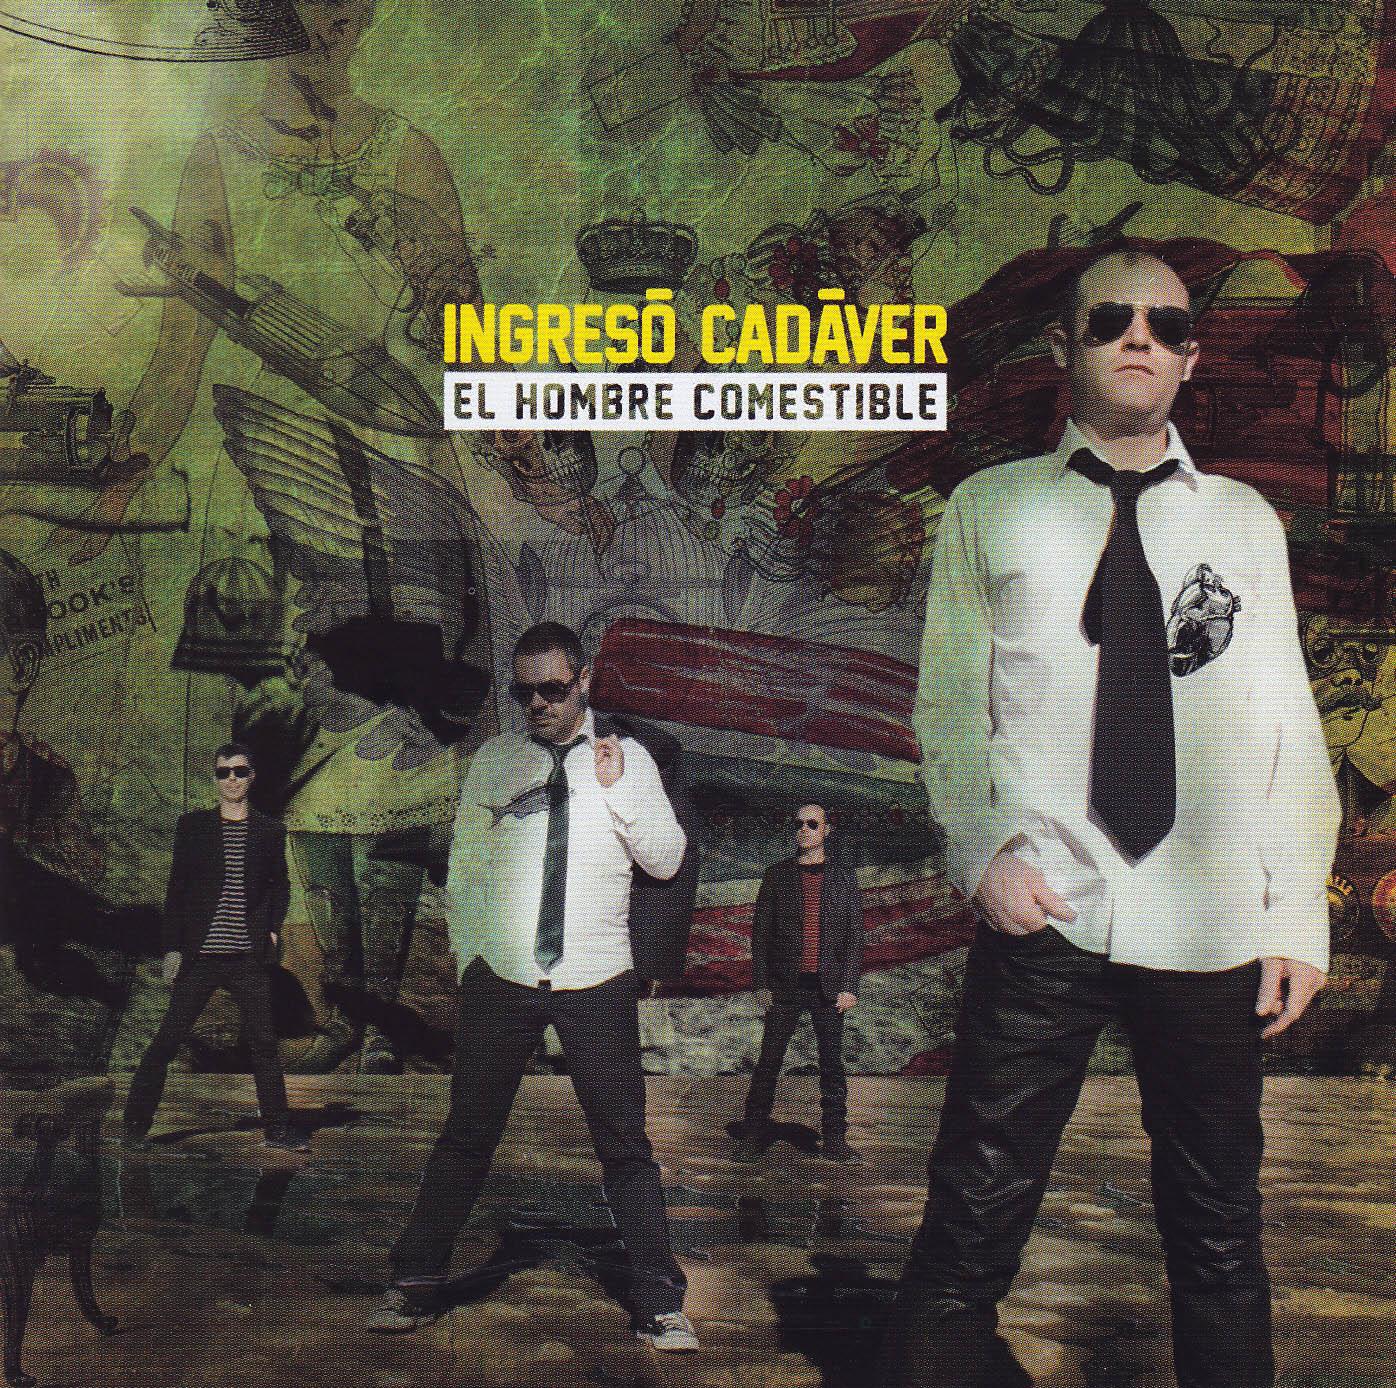 2012-07 INGRESO CADAVER NUEVO DISCO EL HOMBRE COMESTIBLE